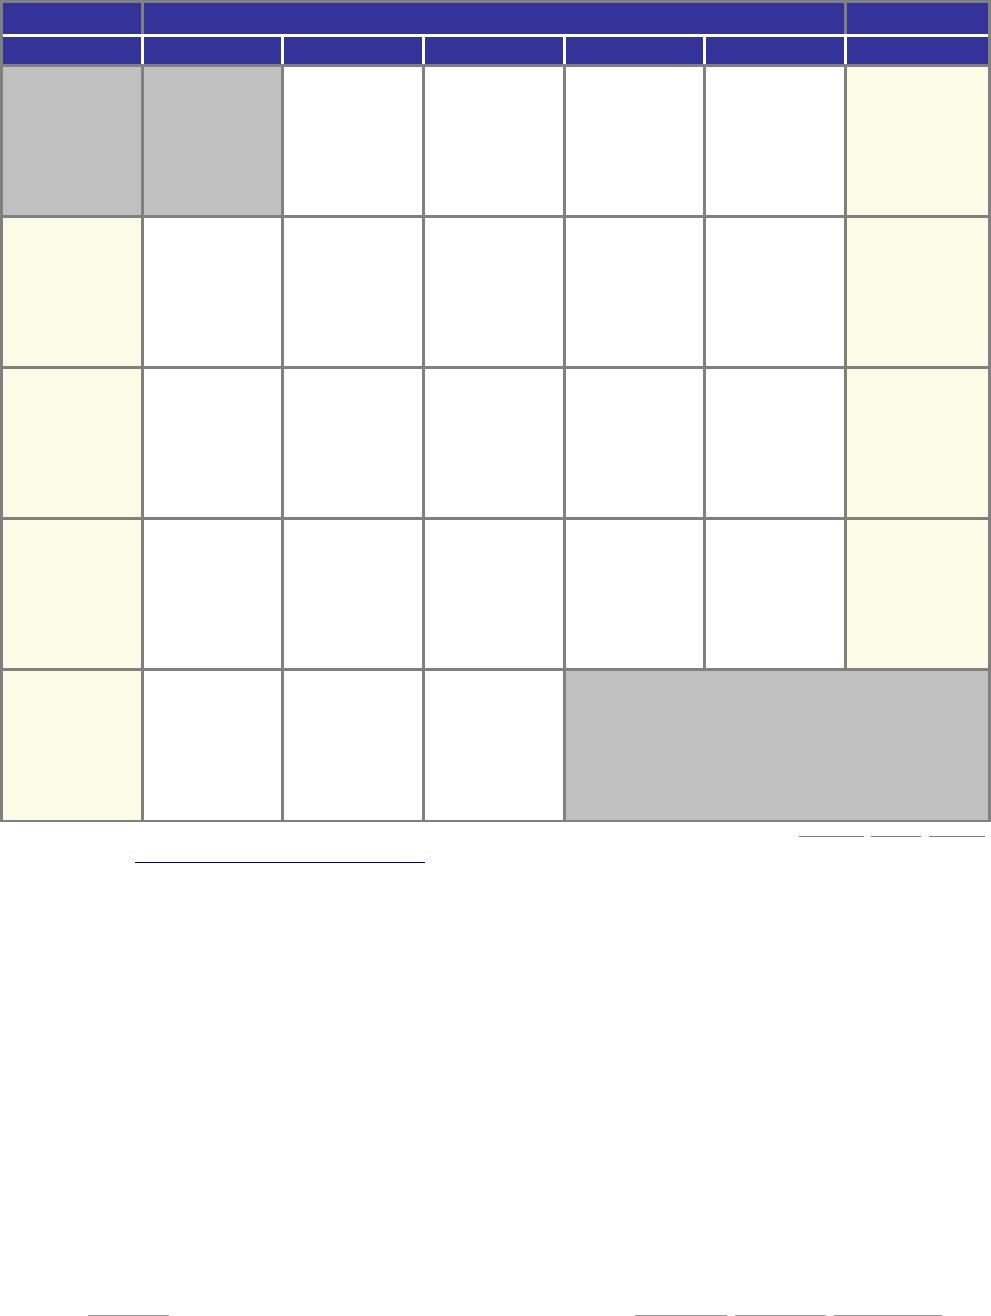 November 2016 Calendar  Wincalendar: Calendar Maker regarding Win Calendar Maker